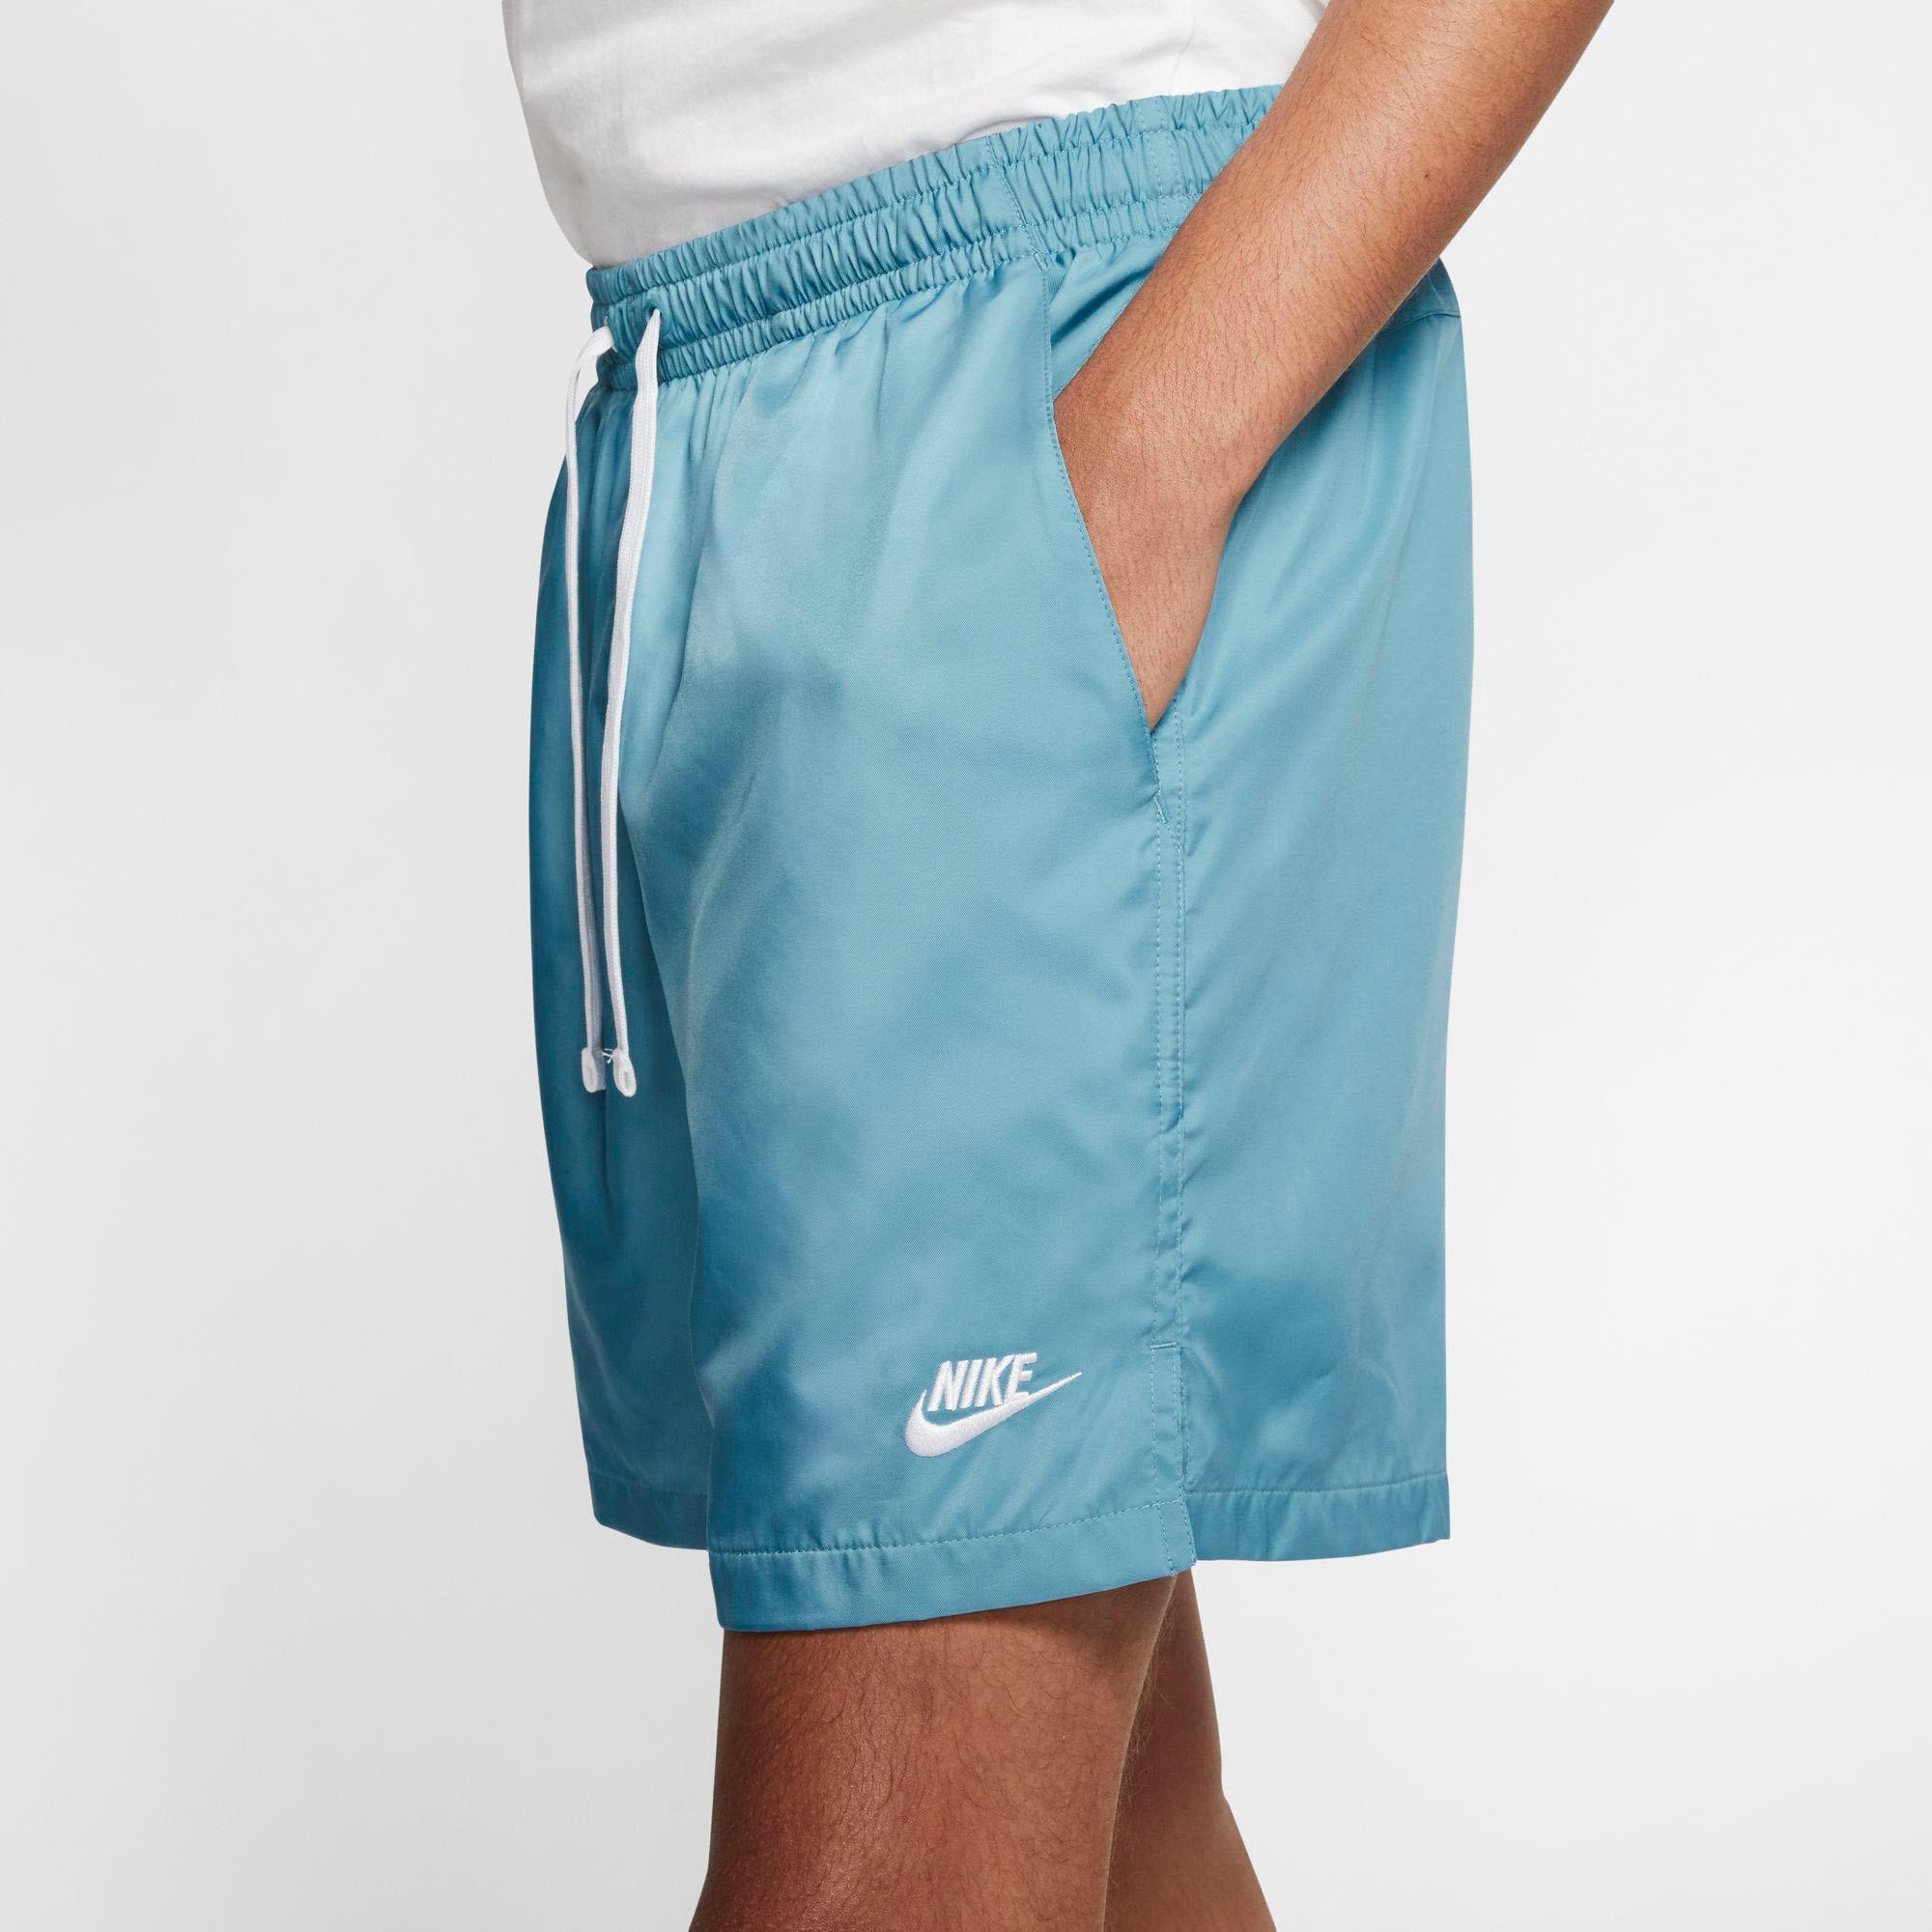 und Badeshorts Herren türkisgrün Urlaubsfeeling Nickel Sportswear Freizeit